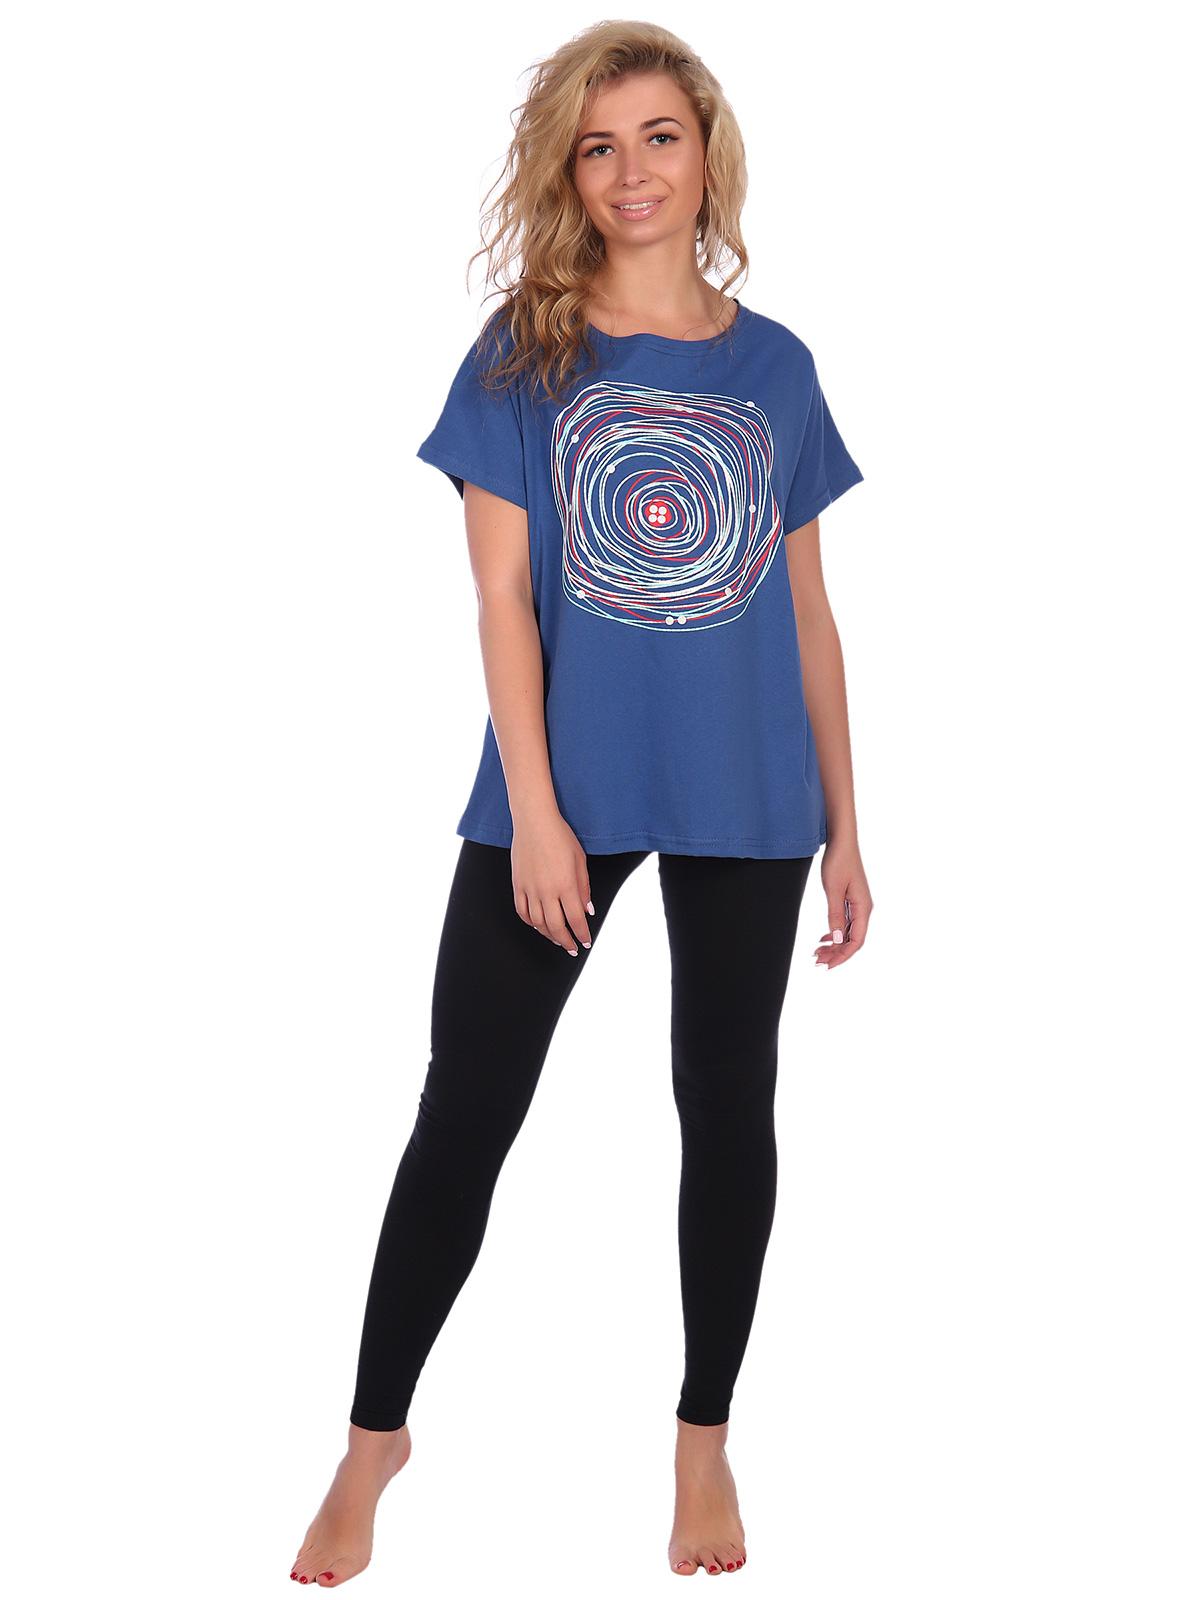 Жен. футболка арт. 16-0575 Индиго р. 62 НСД Трикотаж